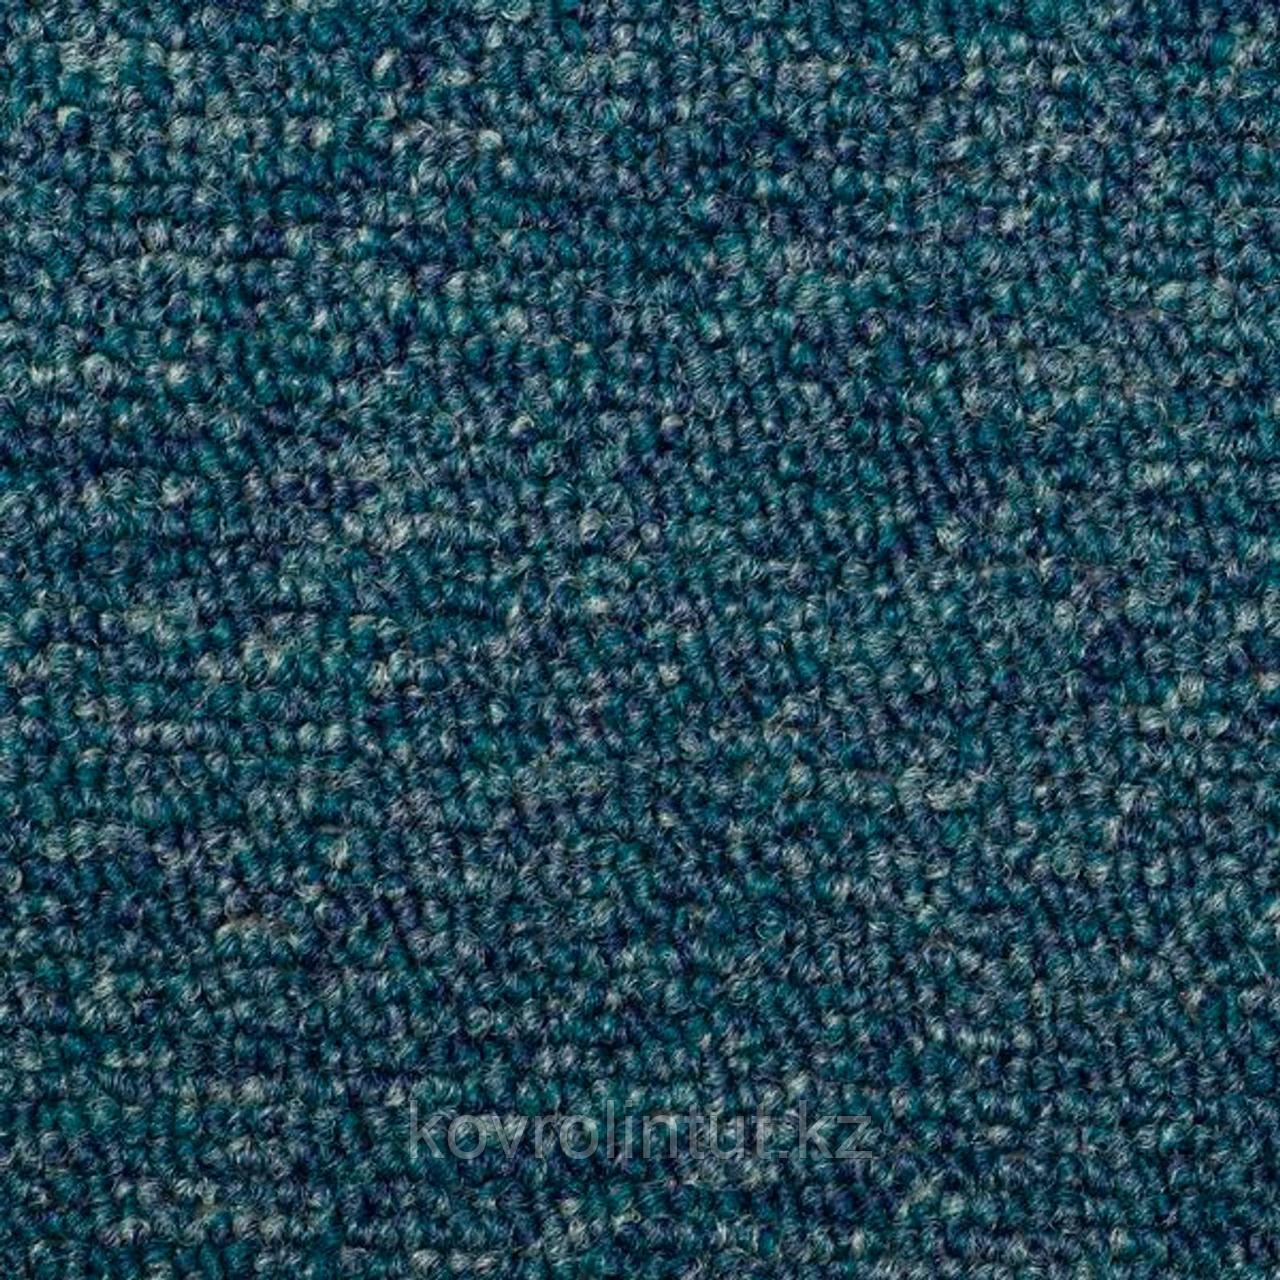 Коммерческое ковровое покрытие AW Medusa 70, 4 м, голубой, 100% SDN